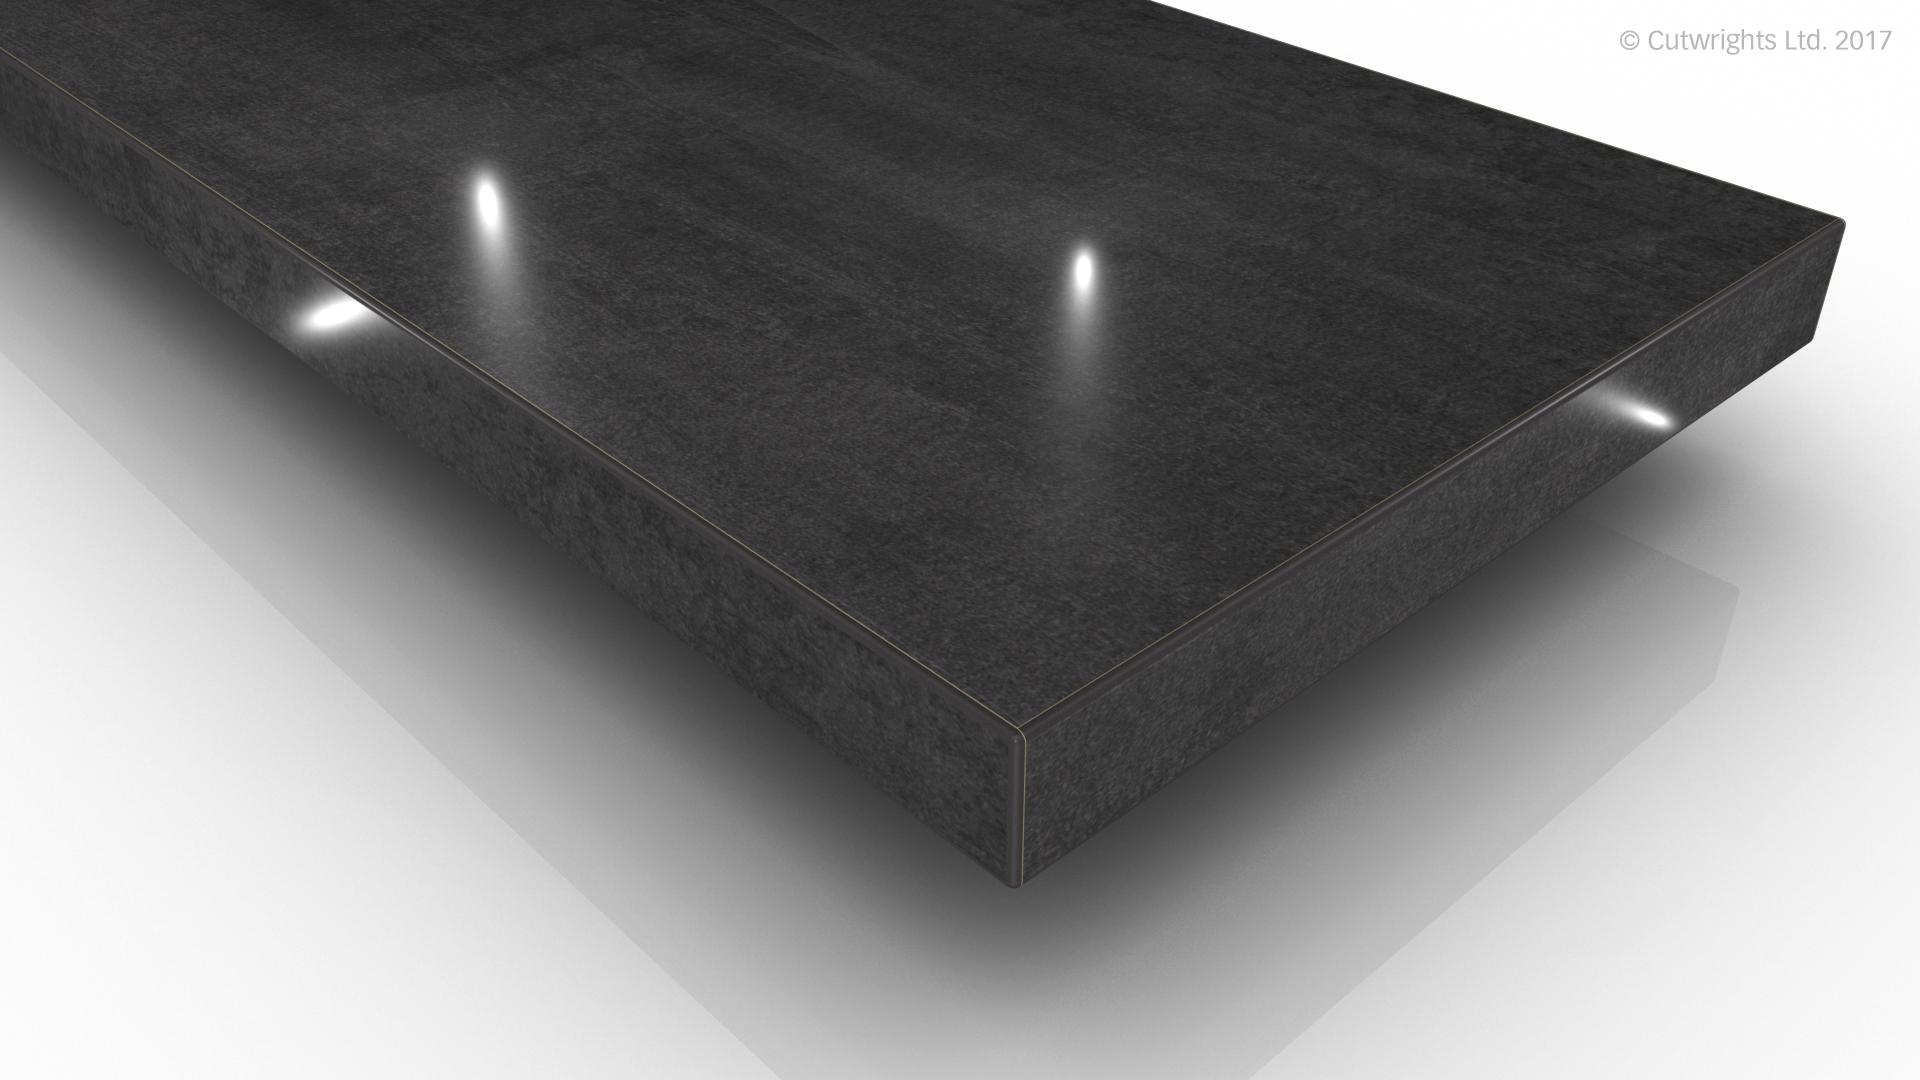 Board Range Mdf High Gloss Acrylic Mfc Mdf Mf Mdf